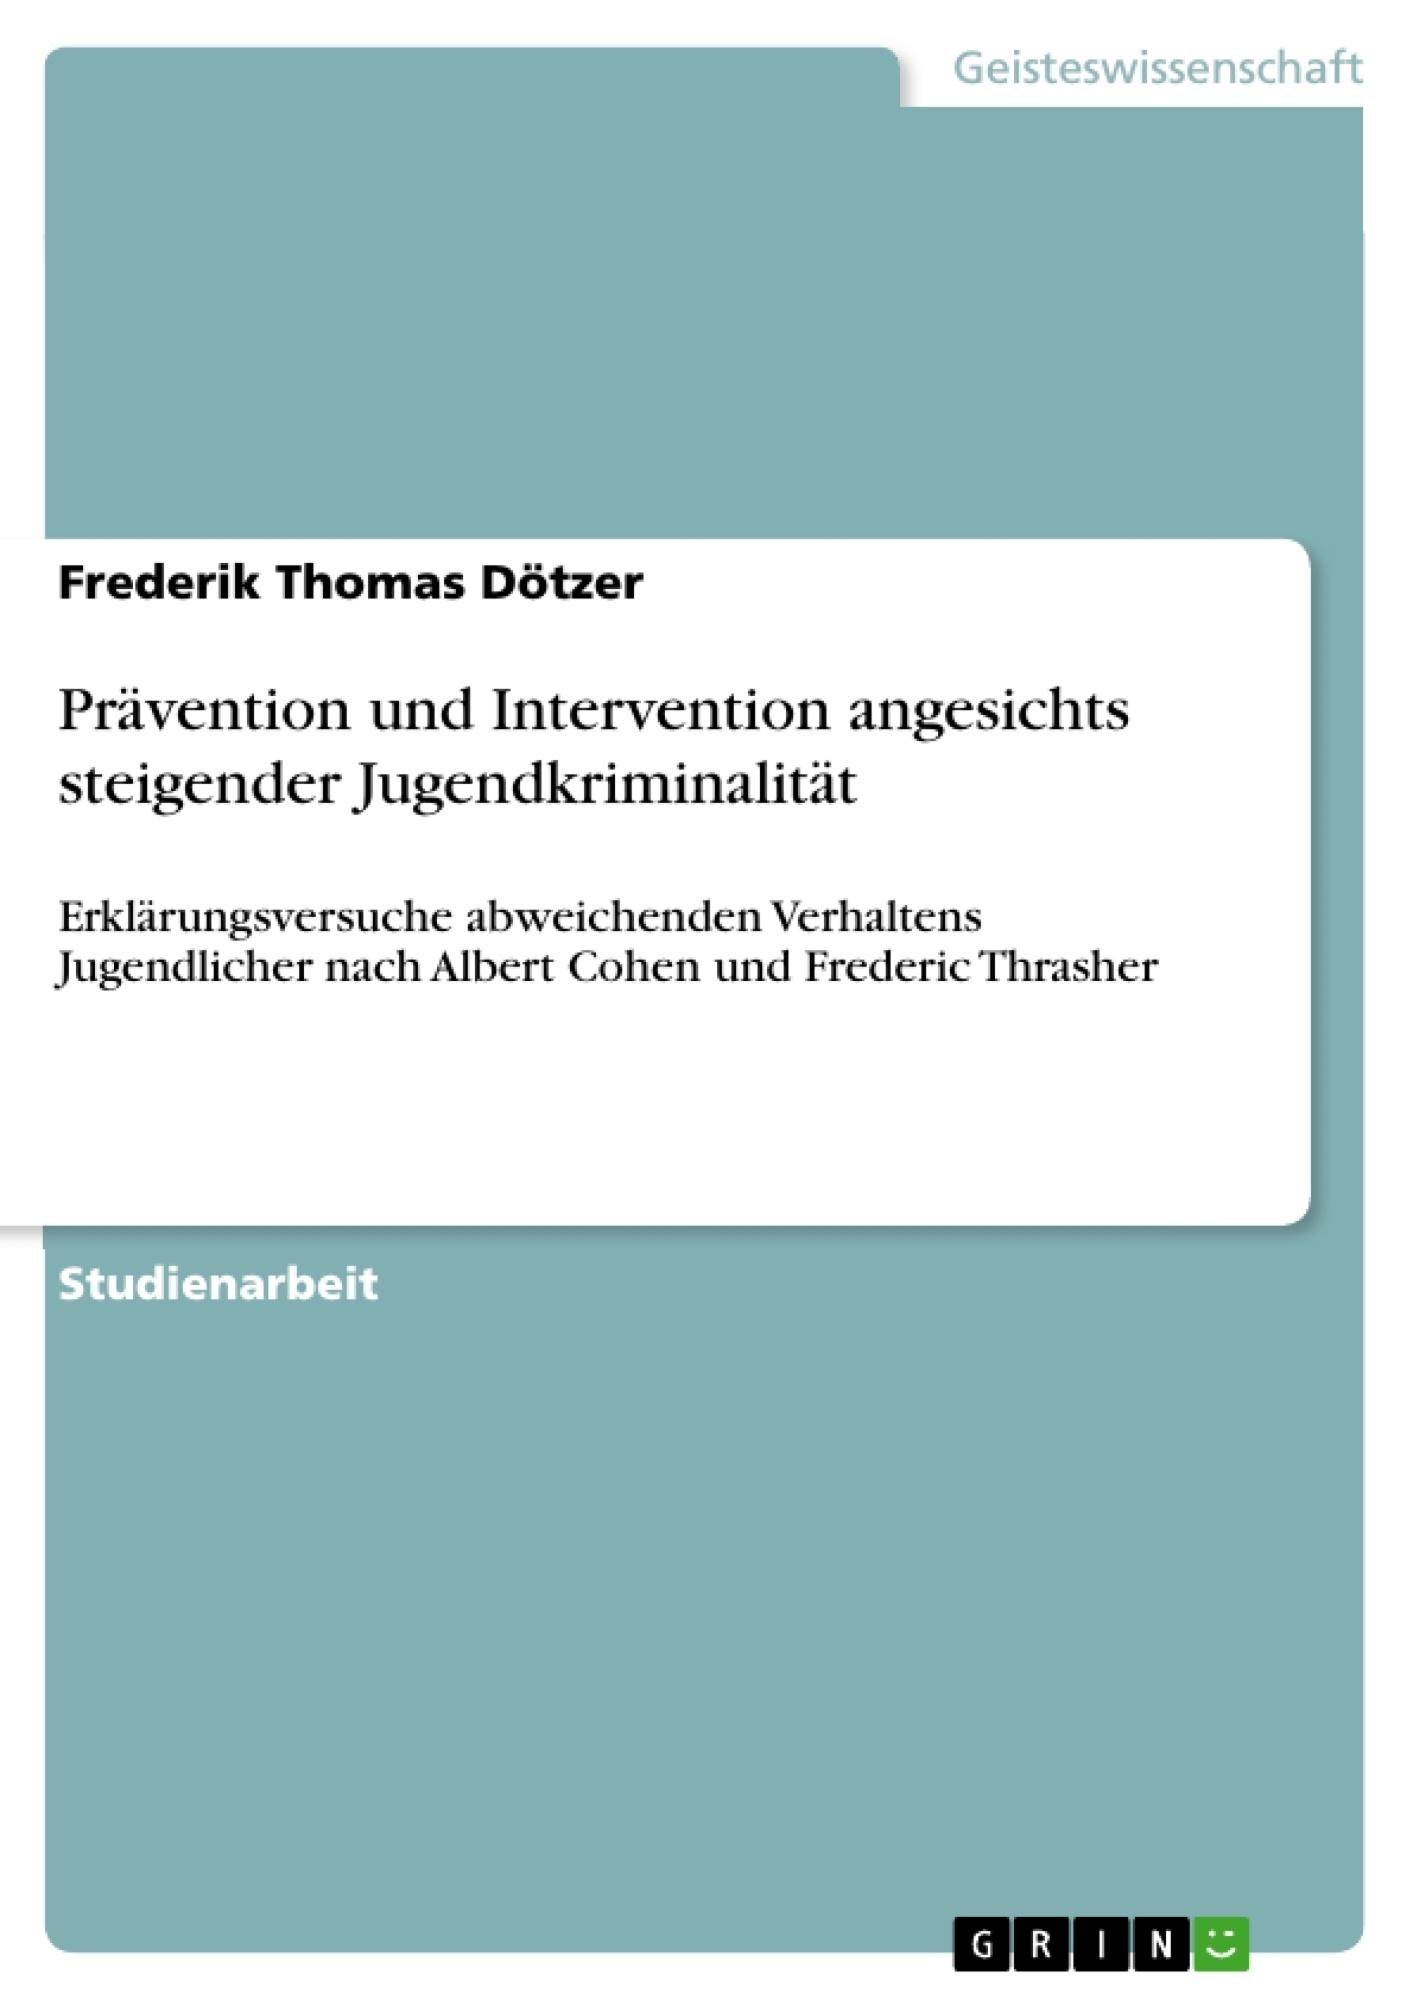 Titel: Prävention und Intervention angesichts steigender Jugendkriminalität